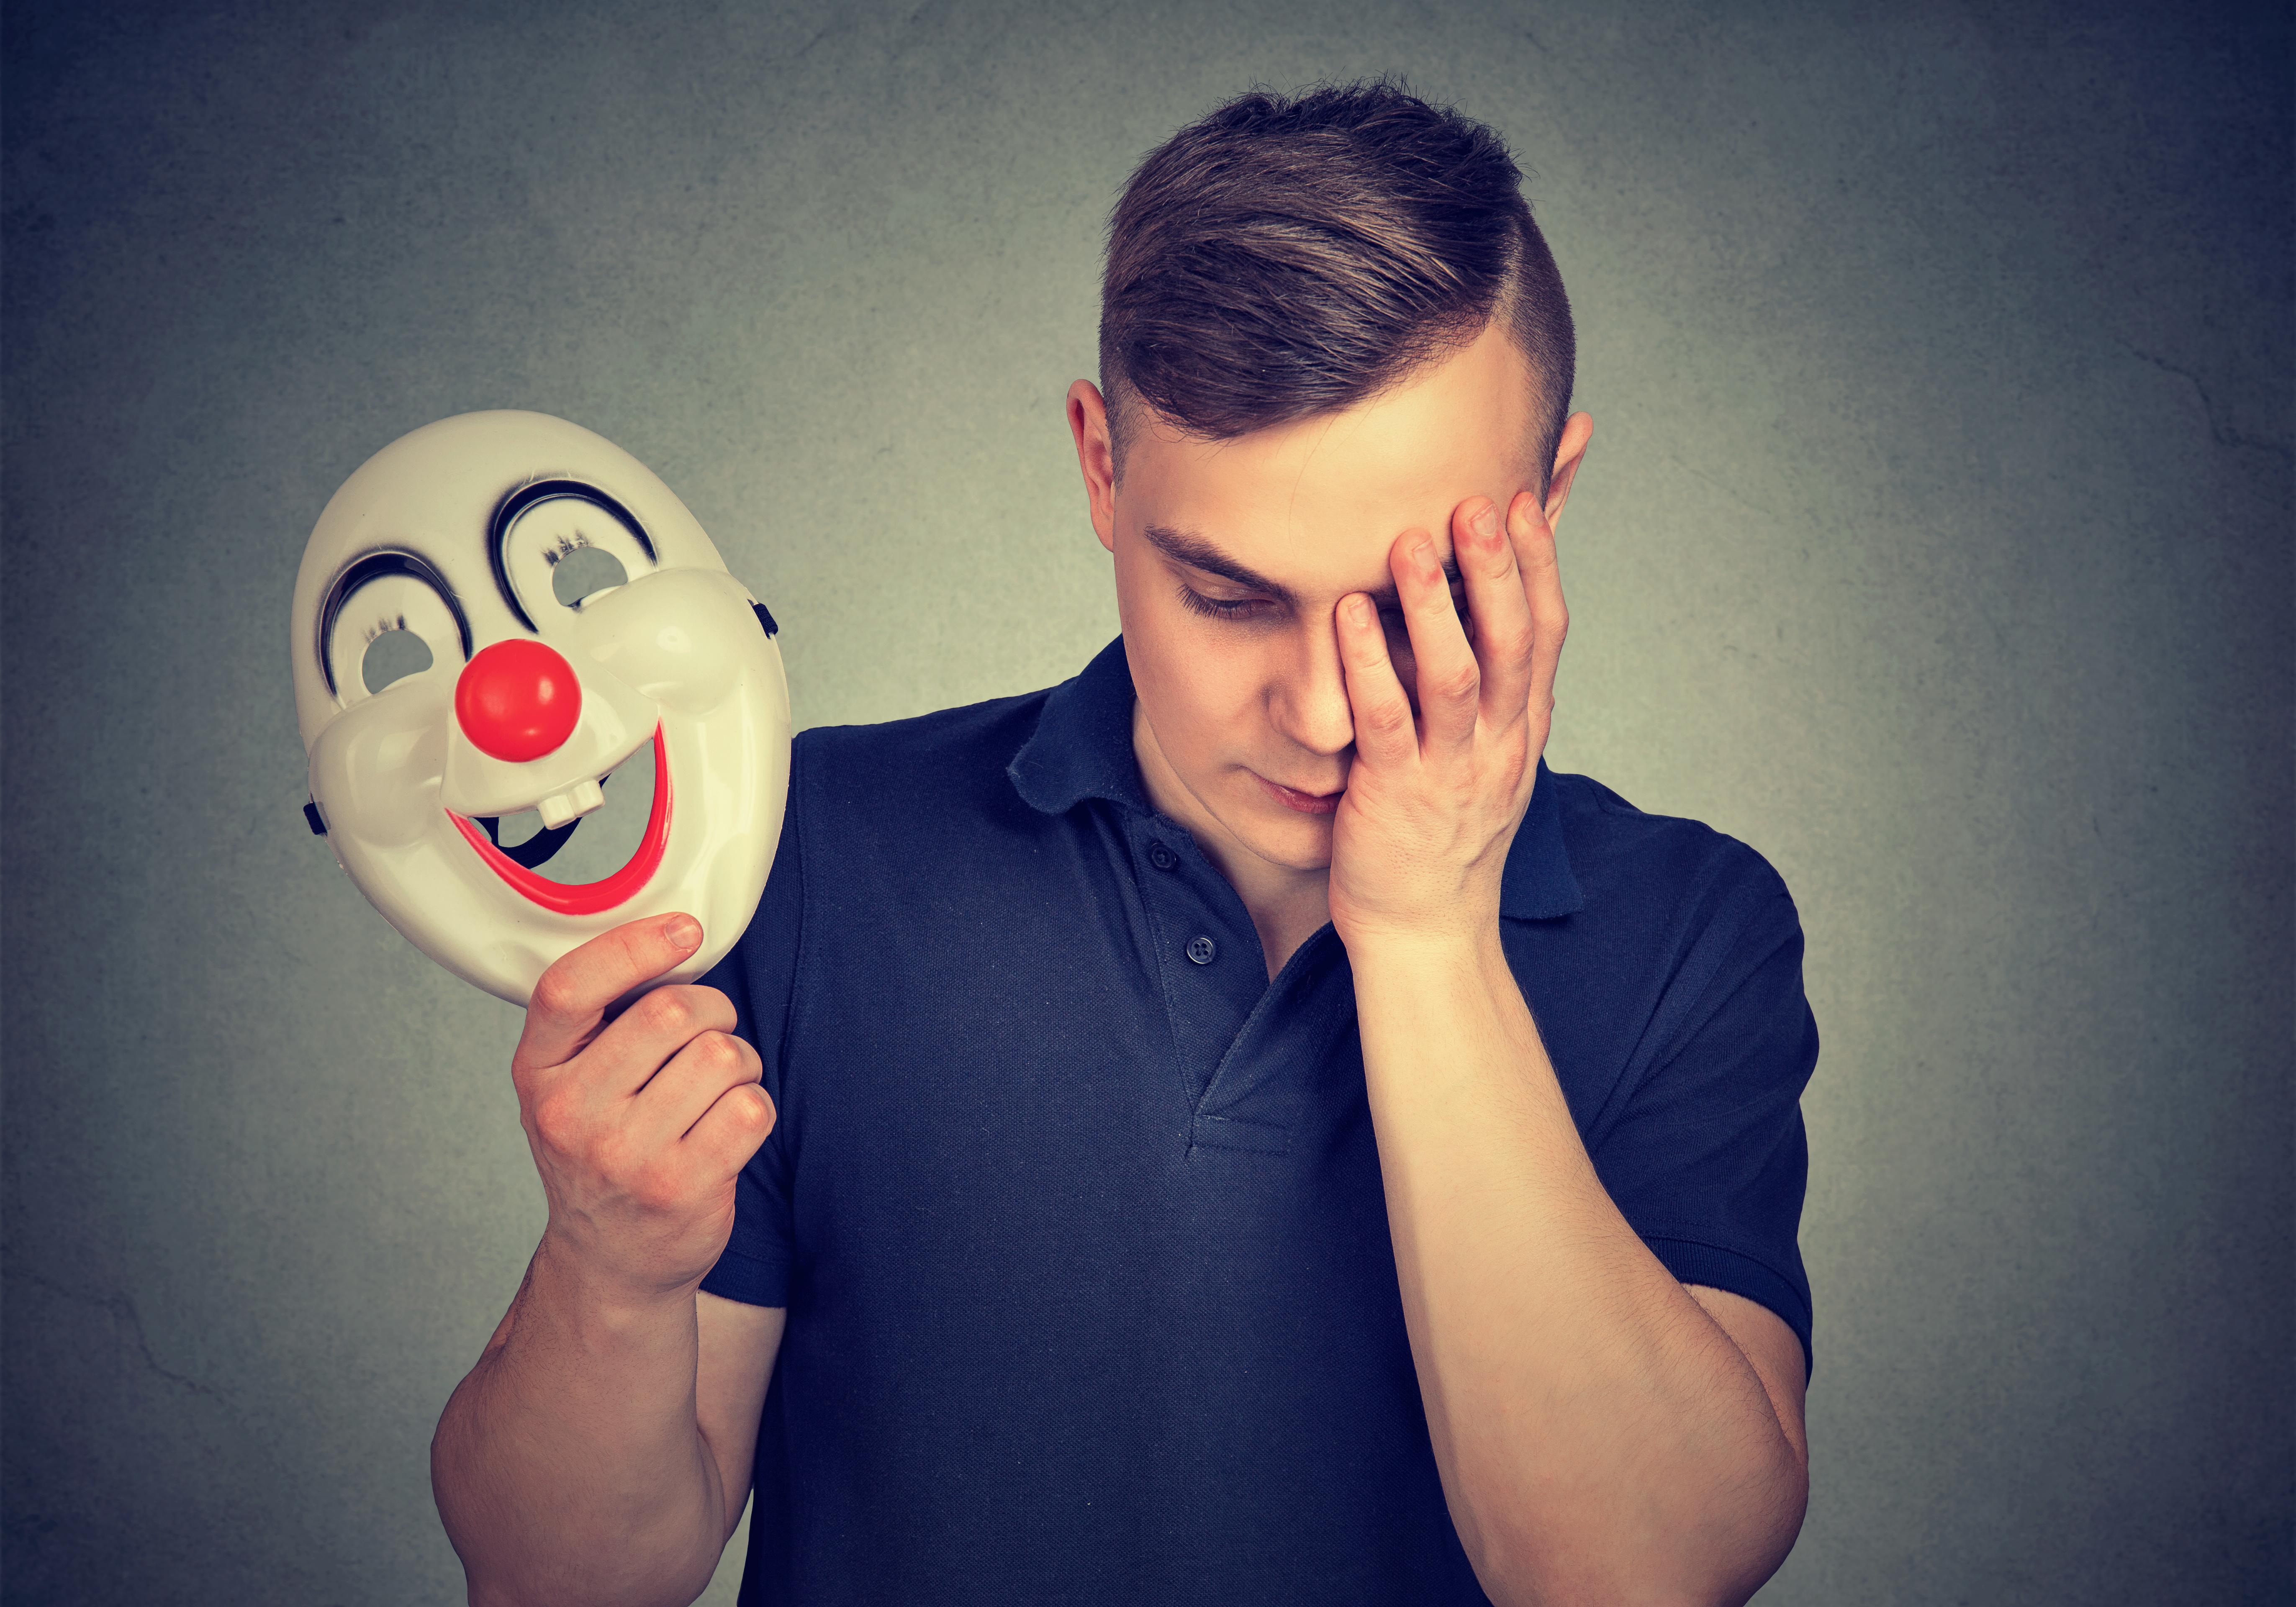 Das narzisstische Selbstwertproblem zeigt sich zuweilen auch versteckt hinter einer Maske.